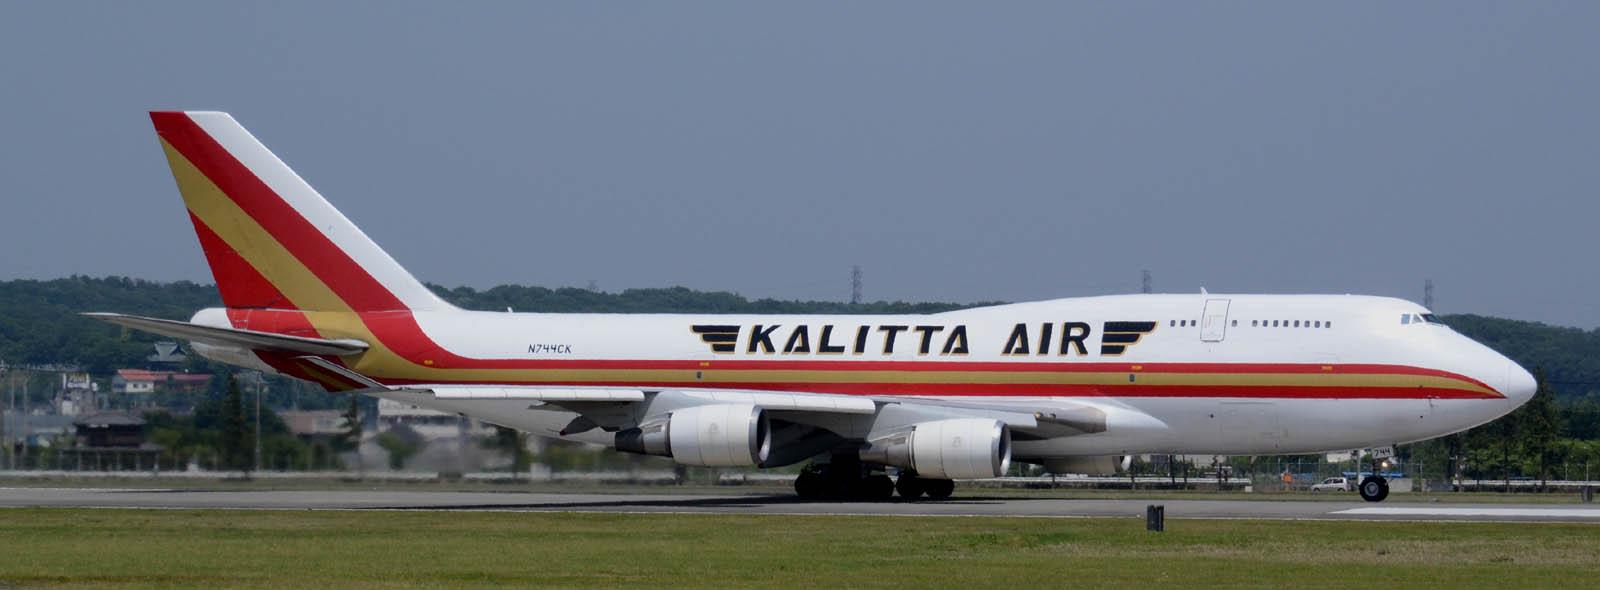 Kalitta130518g654